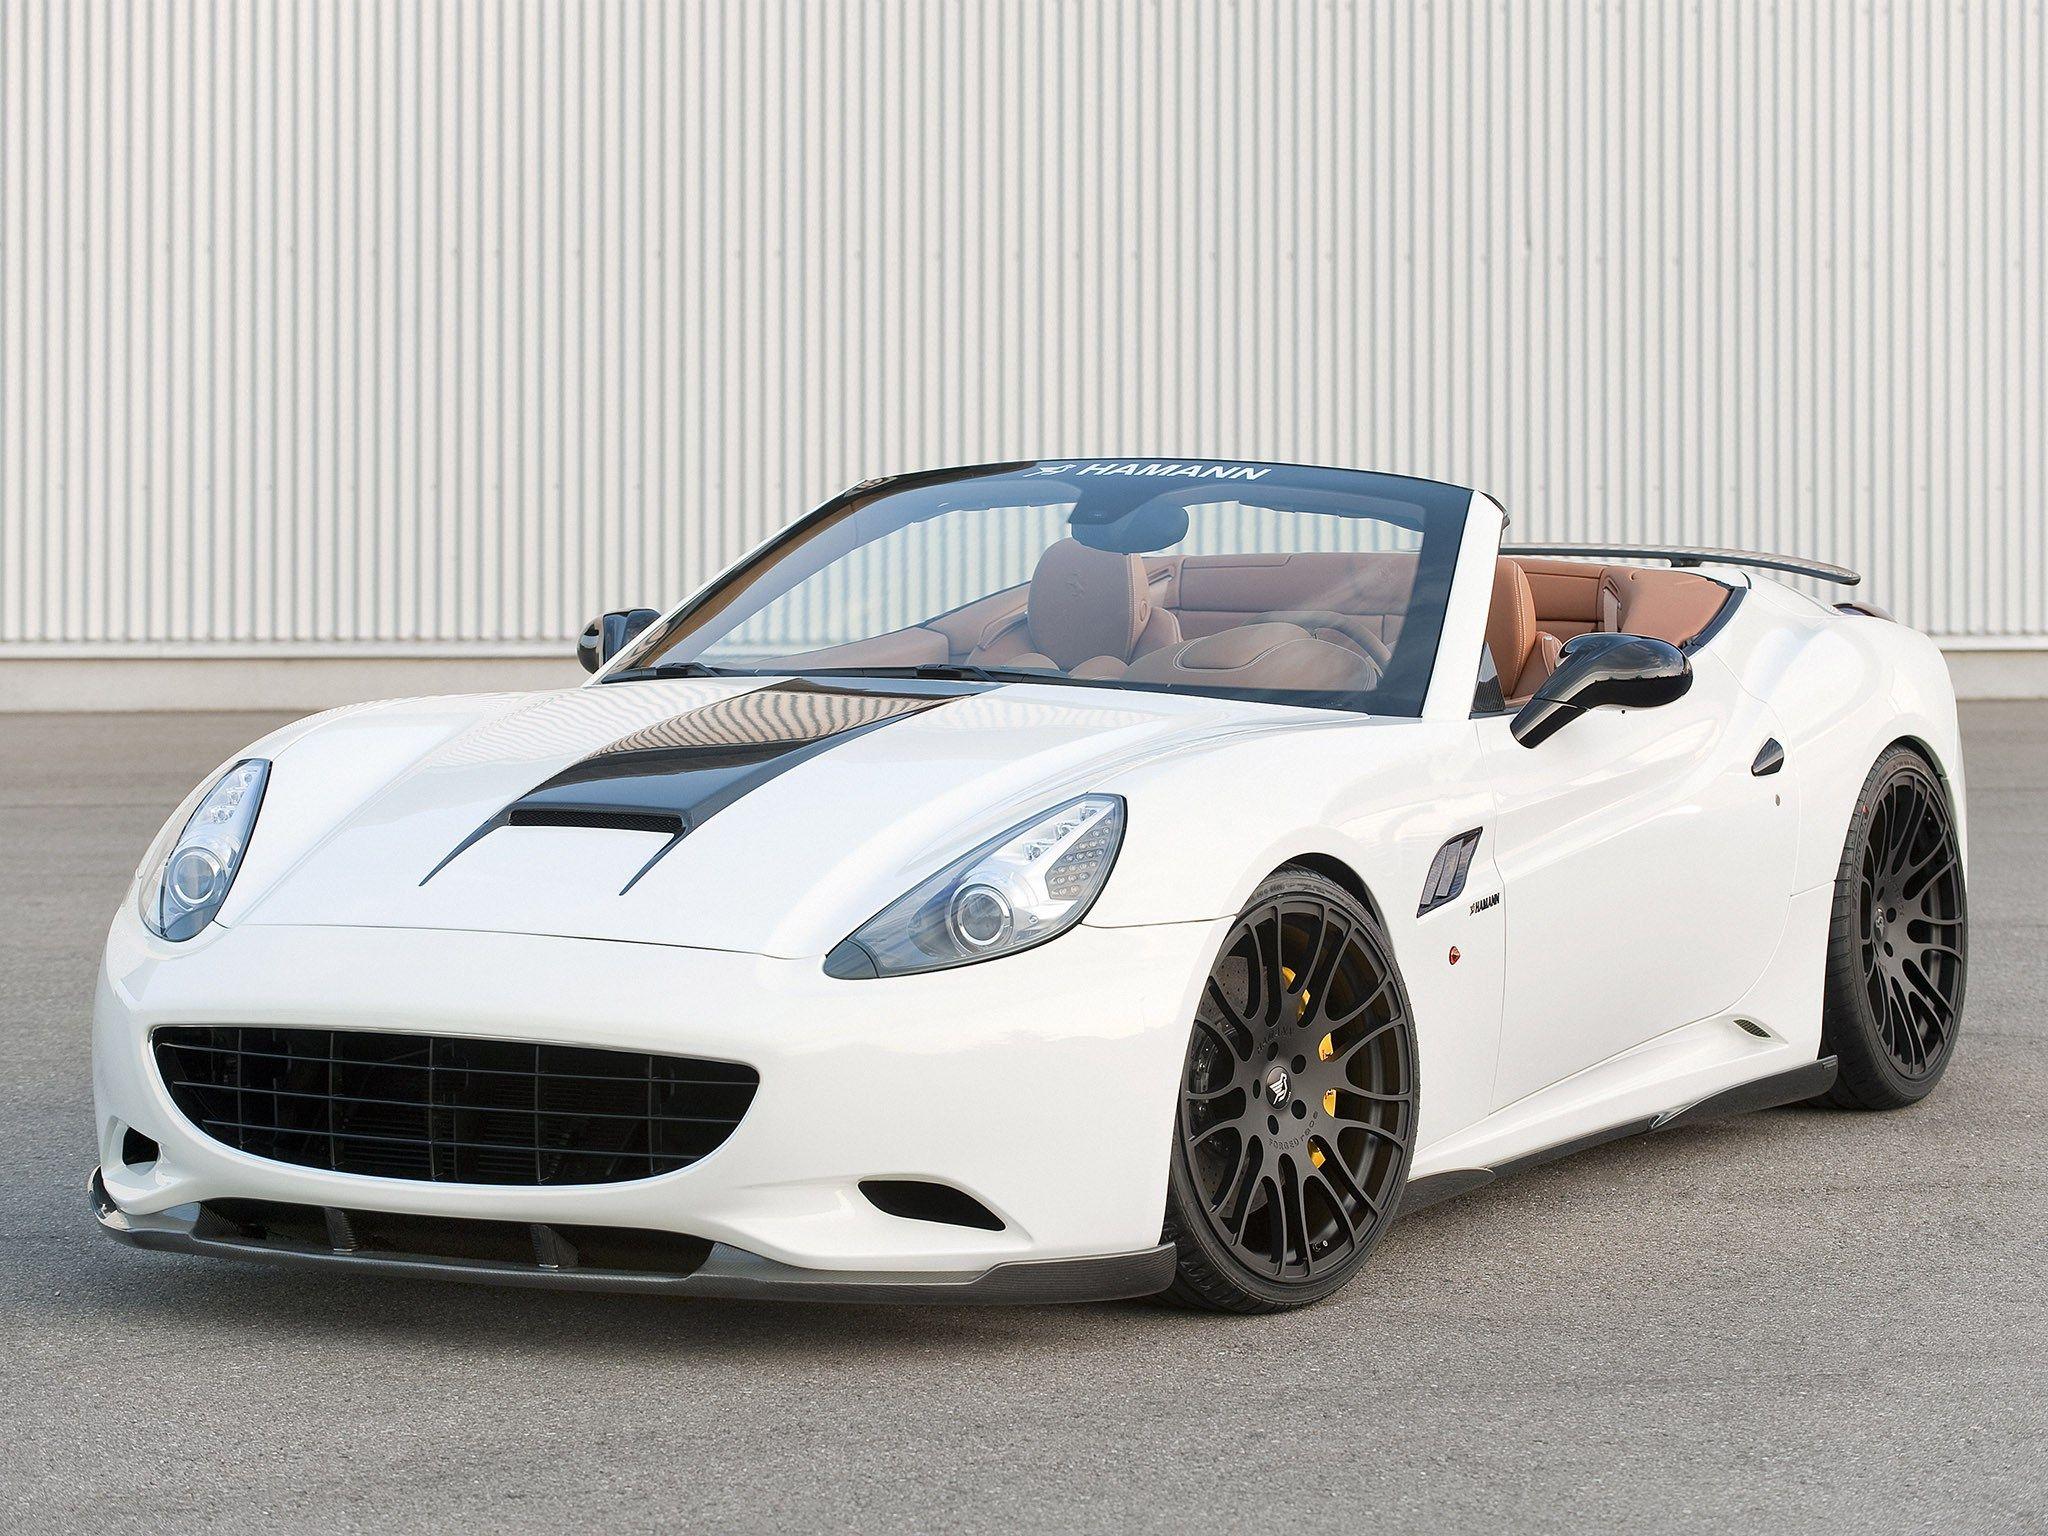 2019 Ferrari California T Engine Interior And Price Car Rumor